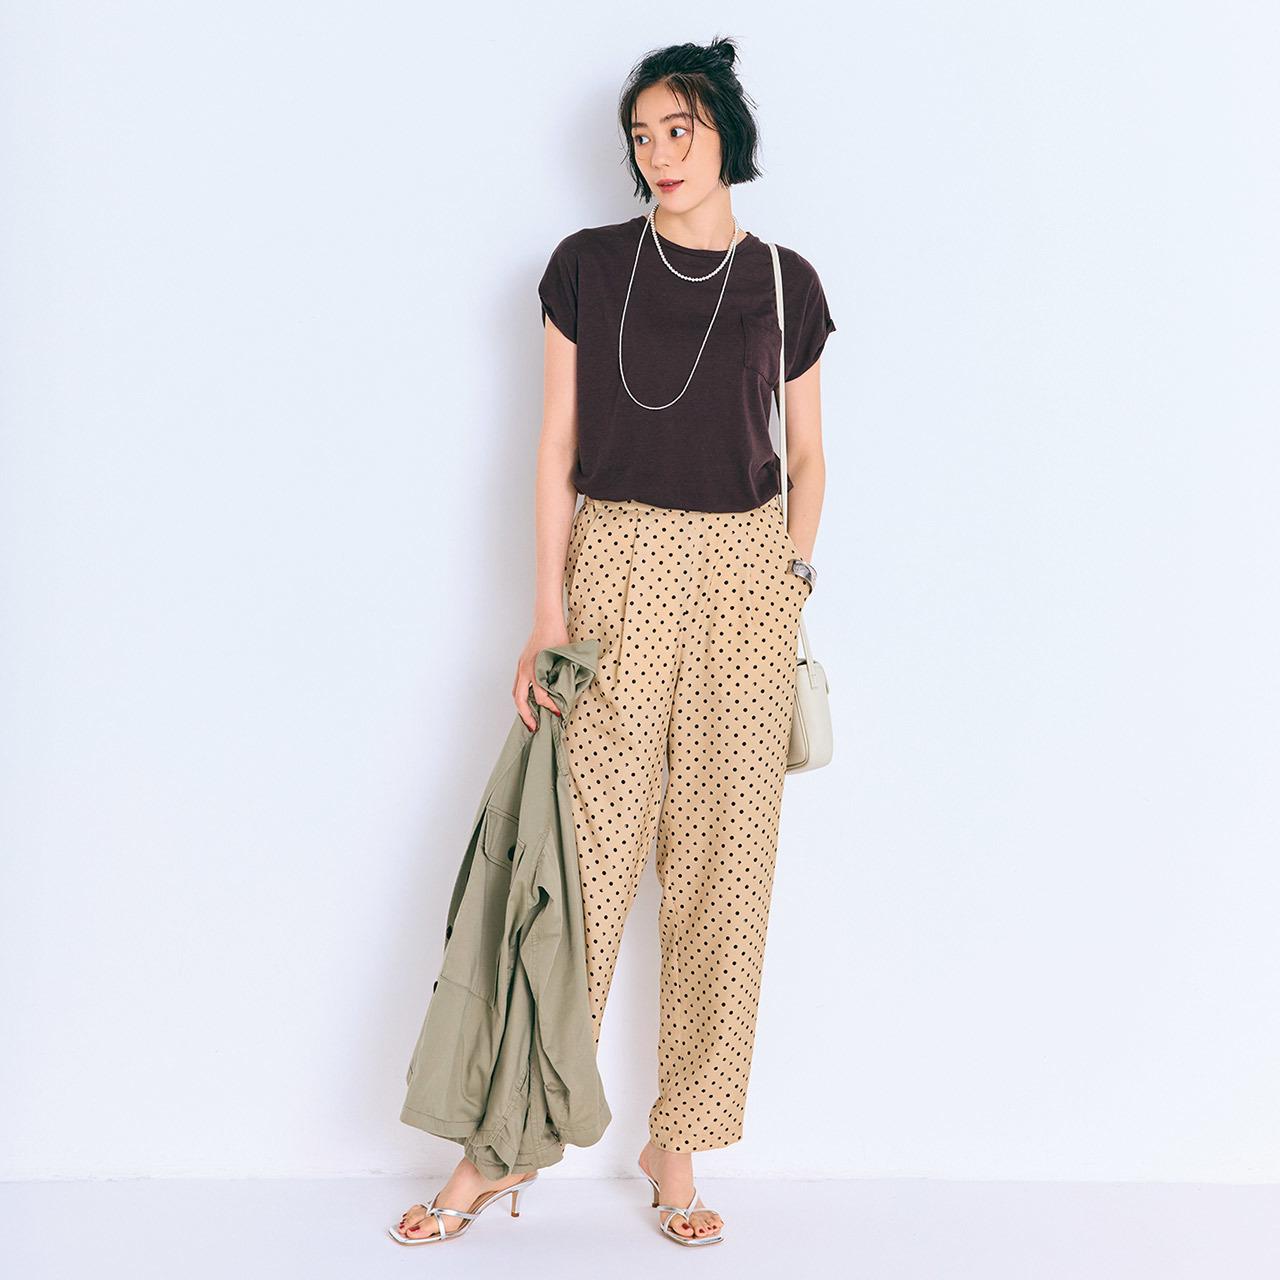 ブラウンTシャツにベージュドット柄パンツのコーディネート